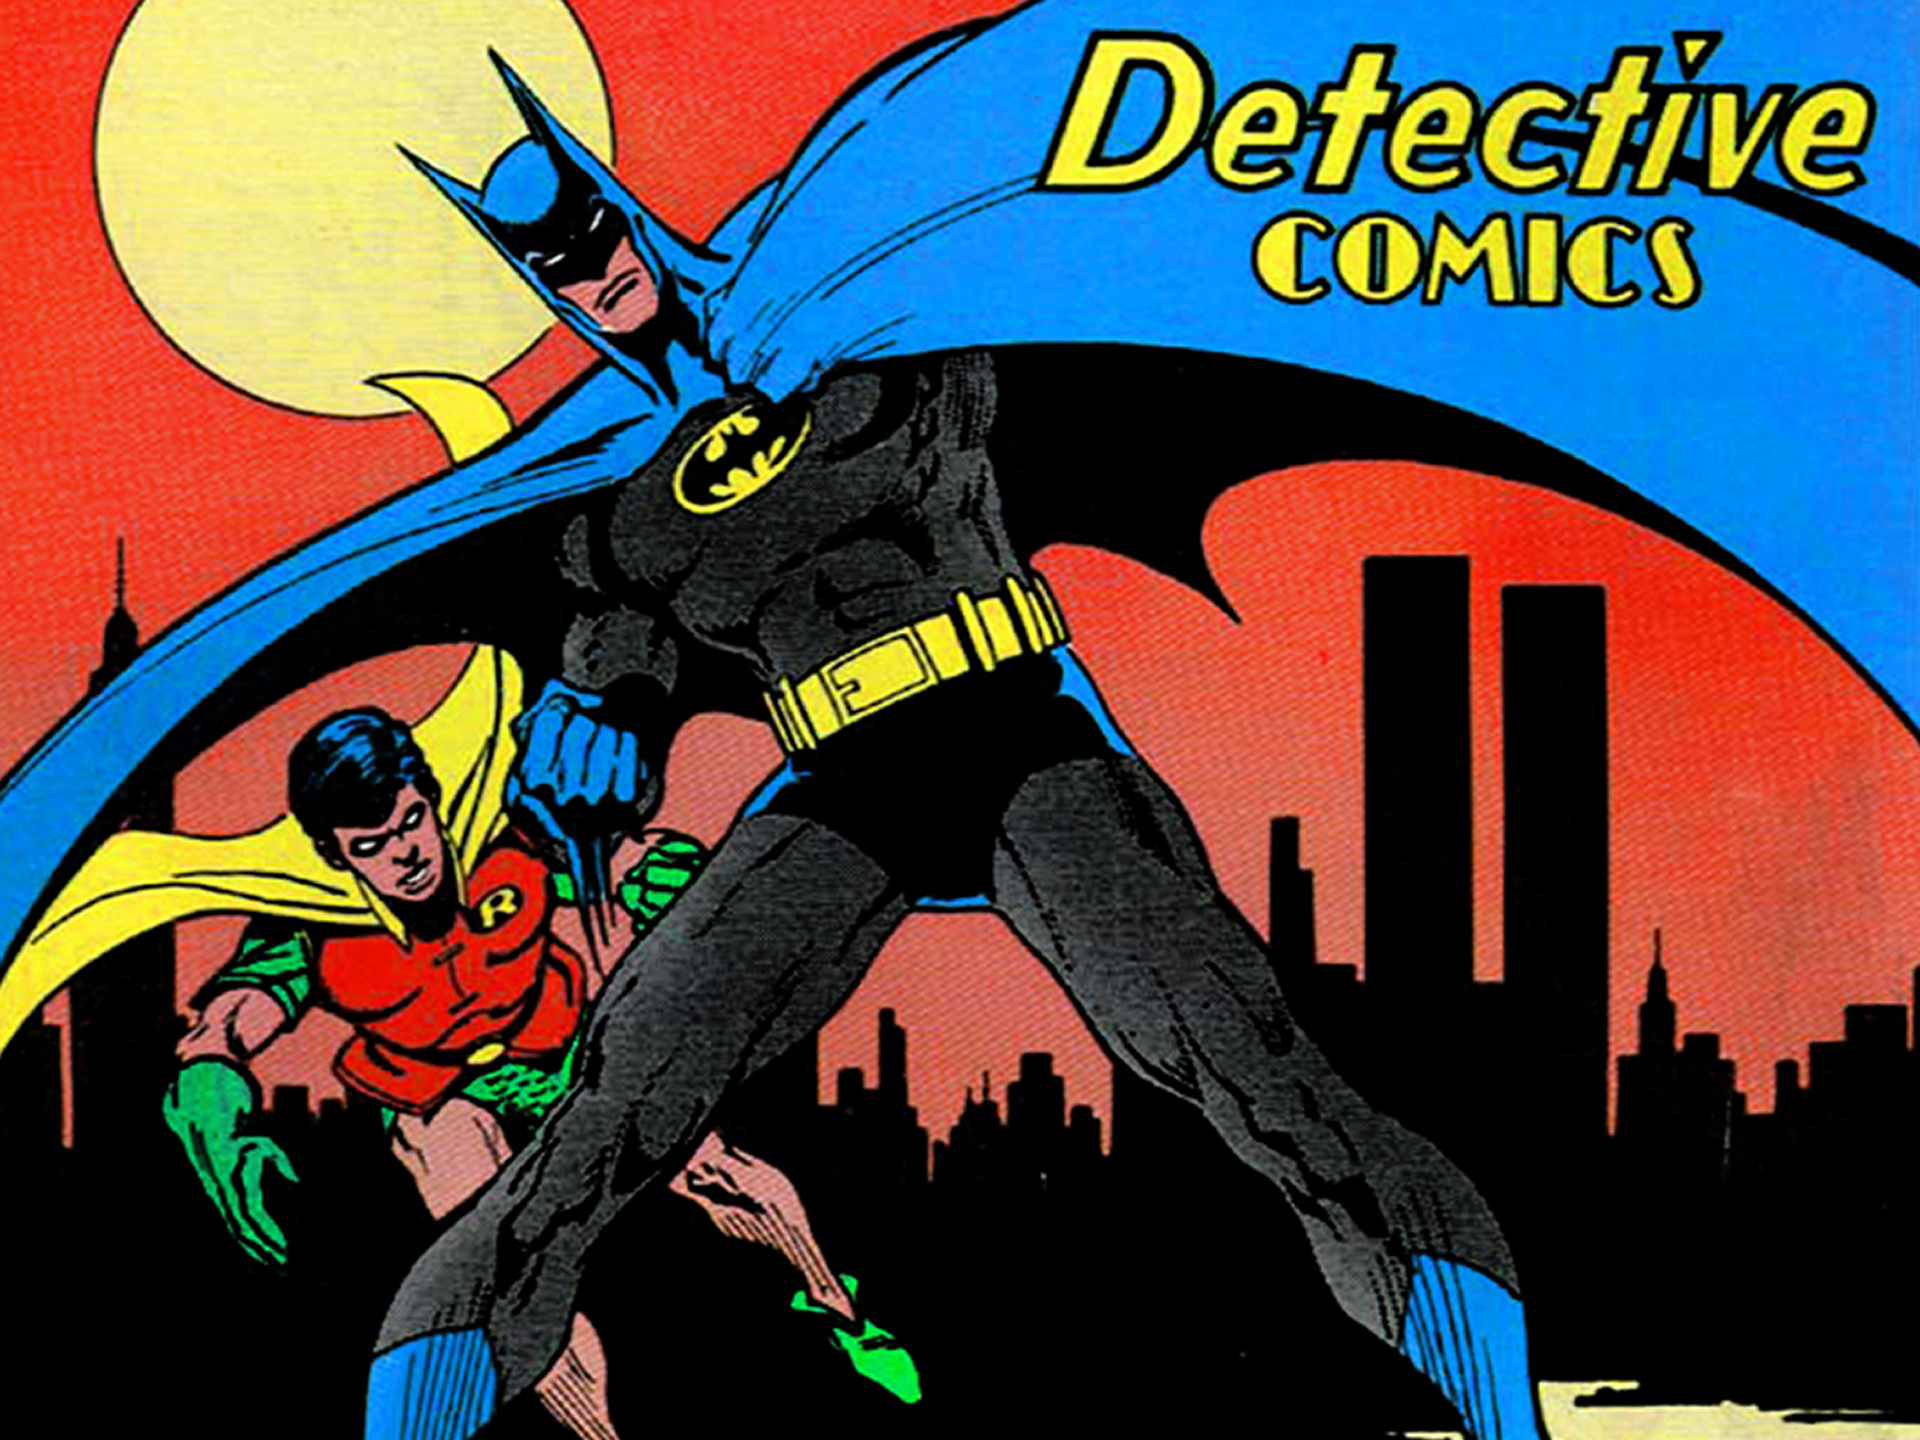 Comic Book Cover Wallpaper - WallpaperSafari Batman Comic Cover Wallpaper